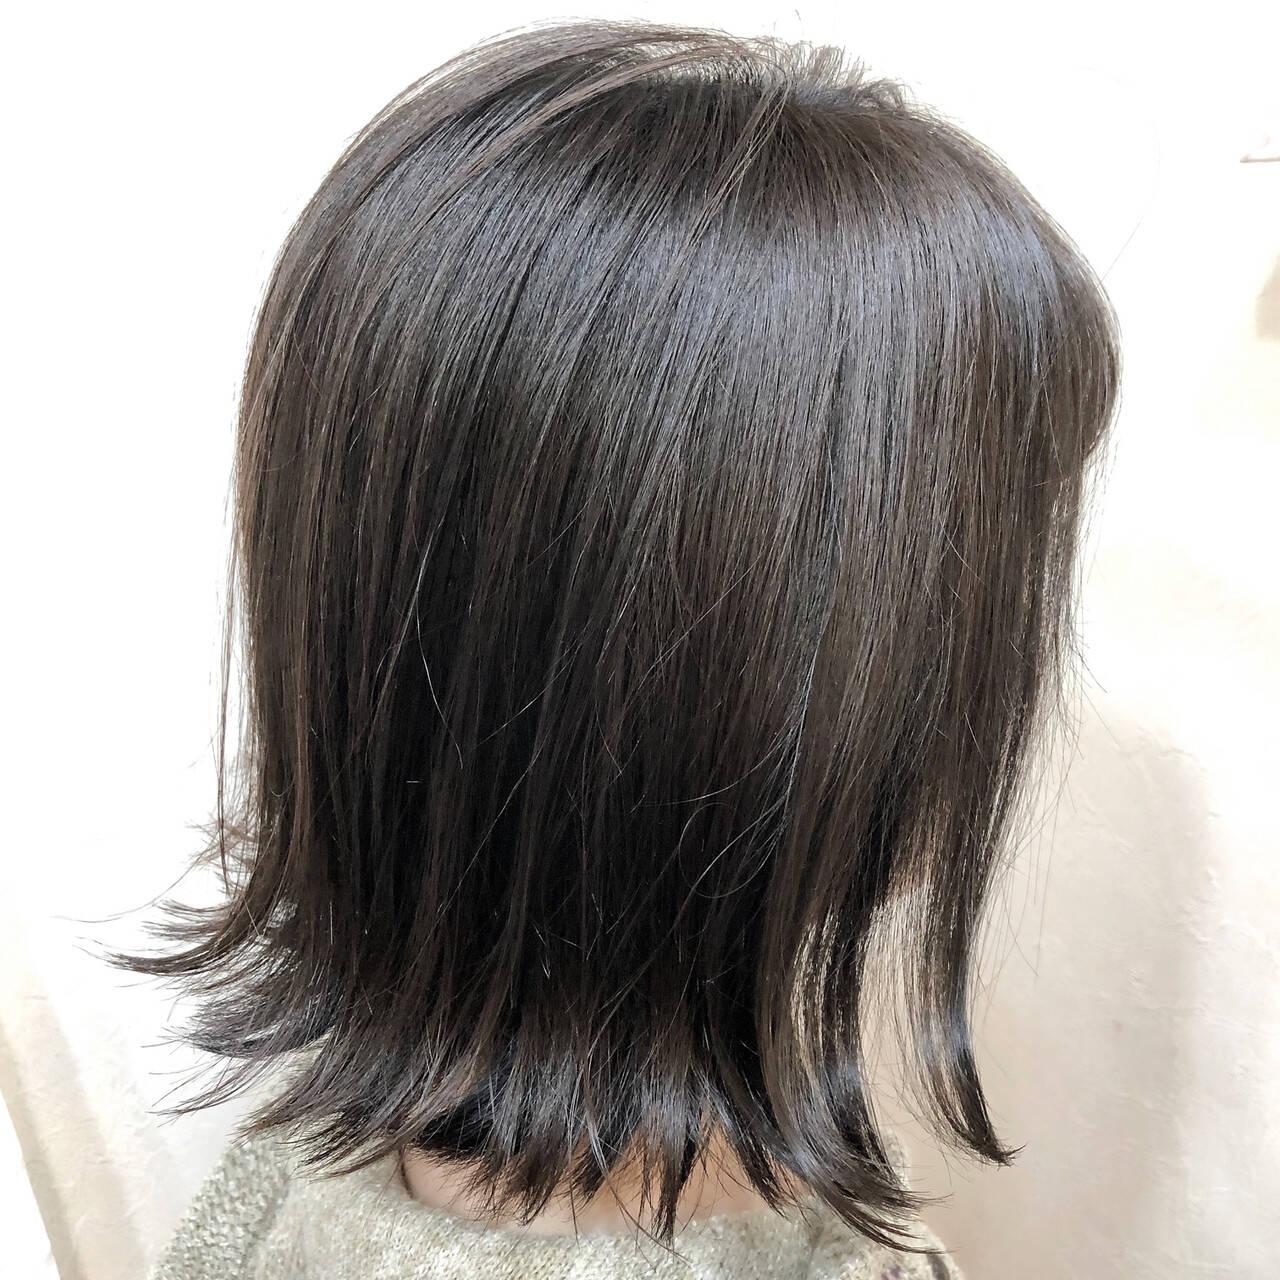 ナチュラル 透明感 アディクシーカラー ボブヘアスタイルや髪型の写真・画像